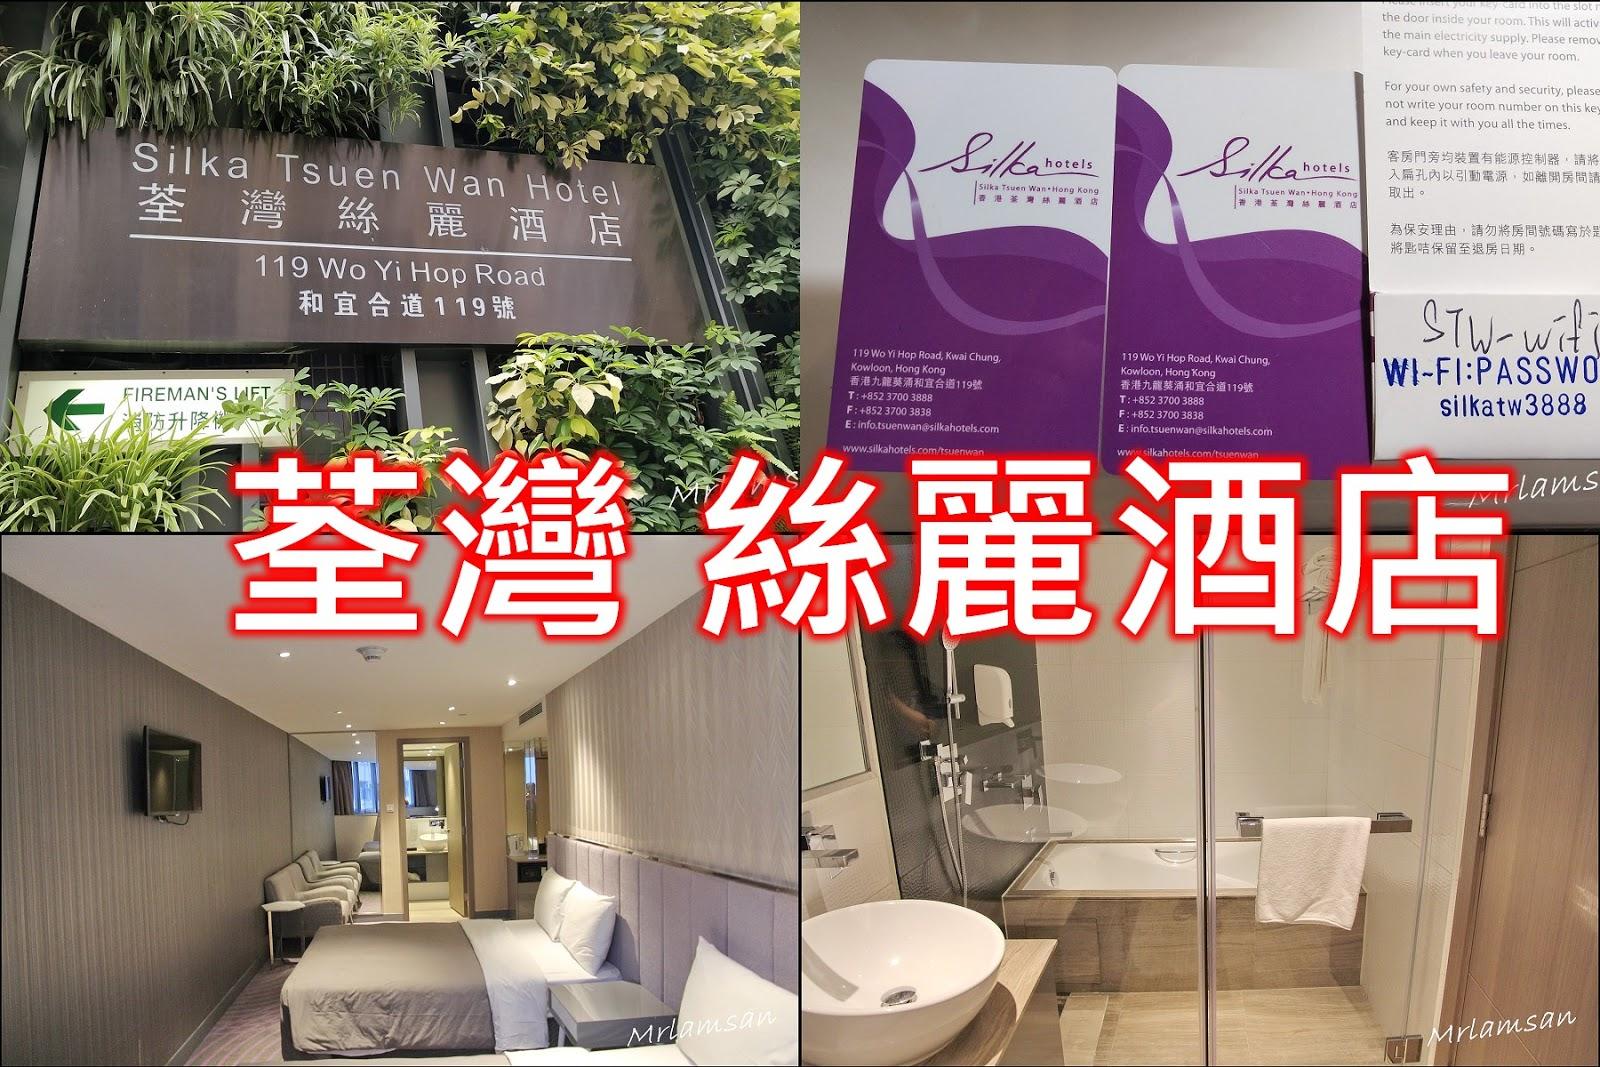 香港 荃灣 絲麗酒店 Marco's buffet 真實住宿遊記 豪華雙床房 有浴缸 | 林公子遊誌 | 旅遊嘆世界 - fanpiece